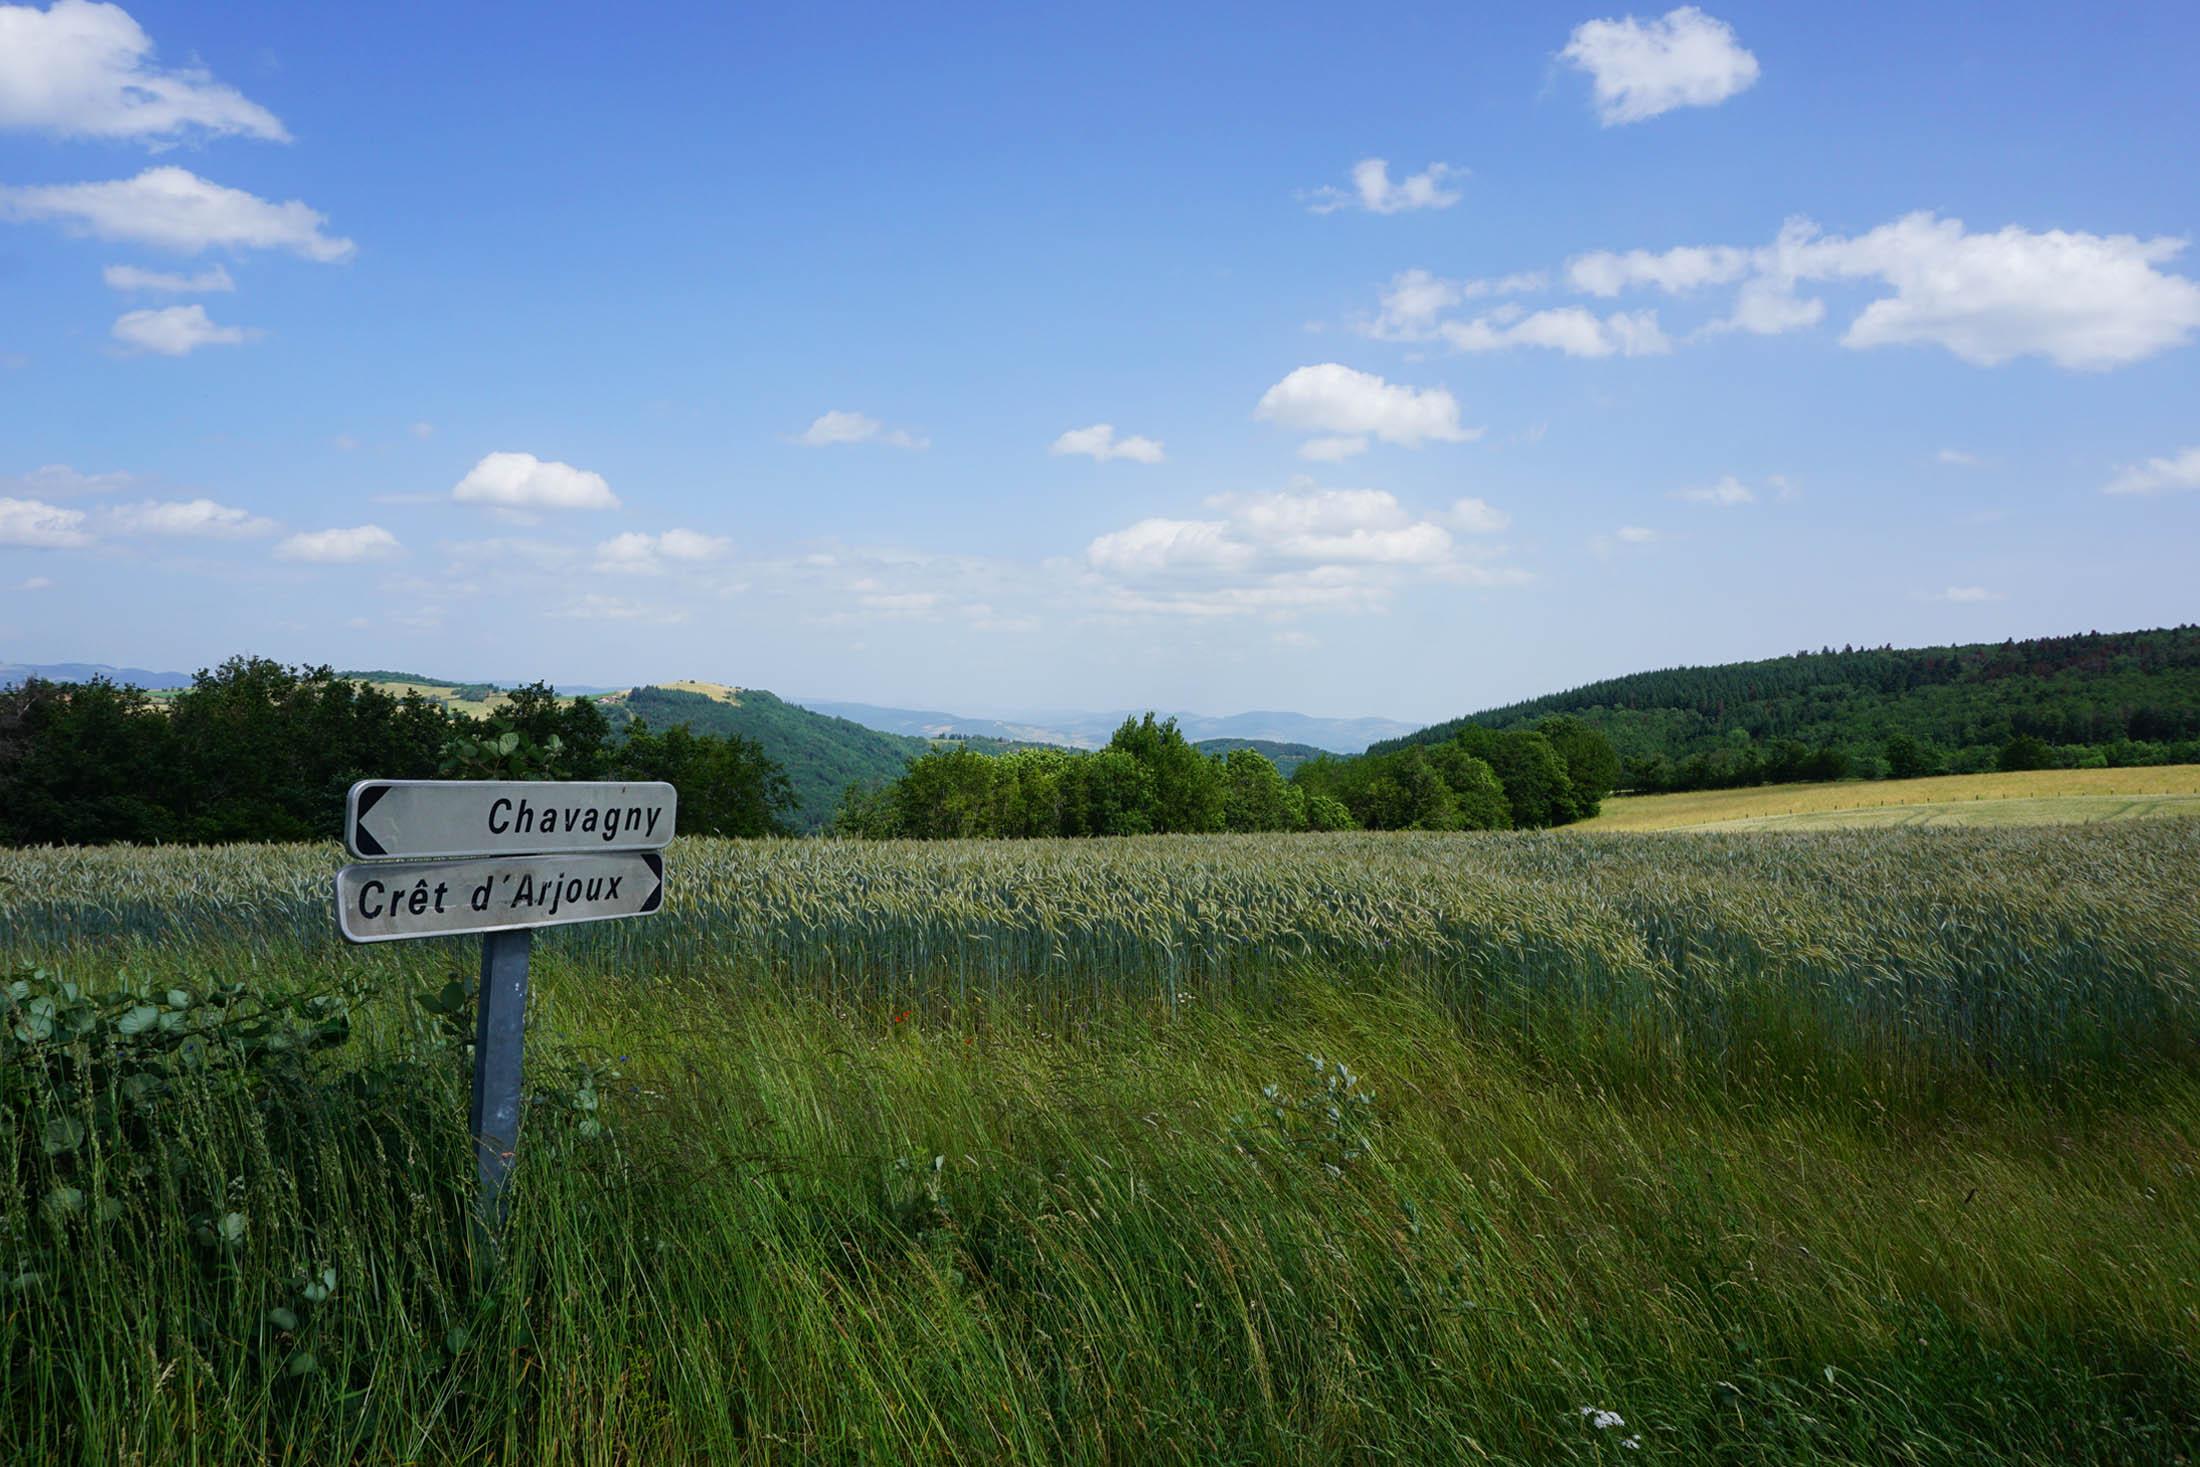 Paysage Mont d'Arjoux au Pays de l'Arbresle